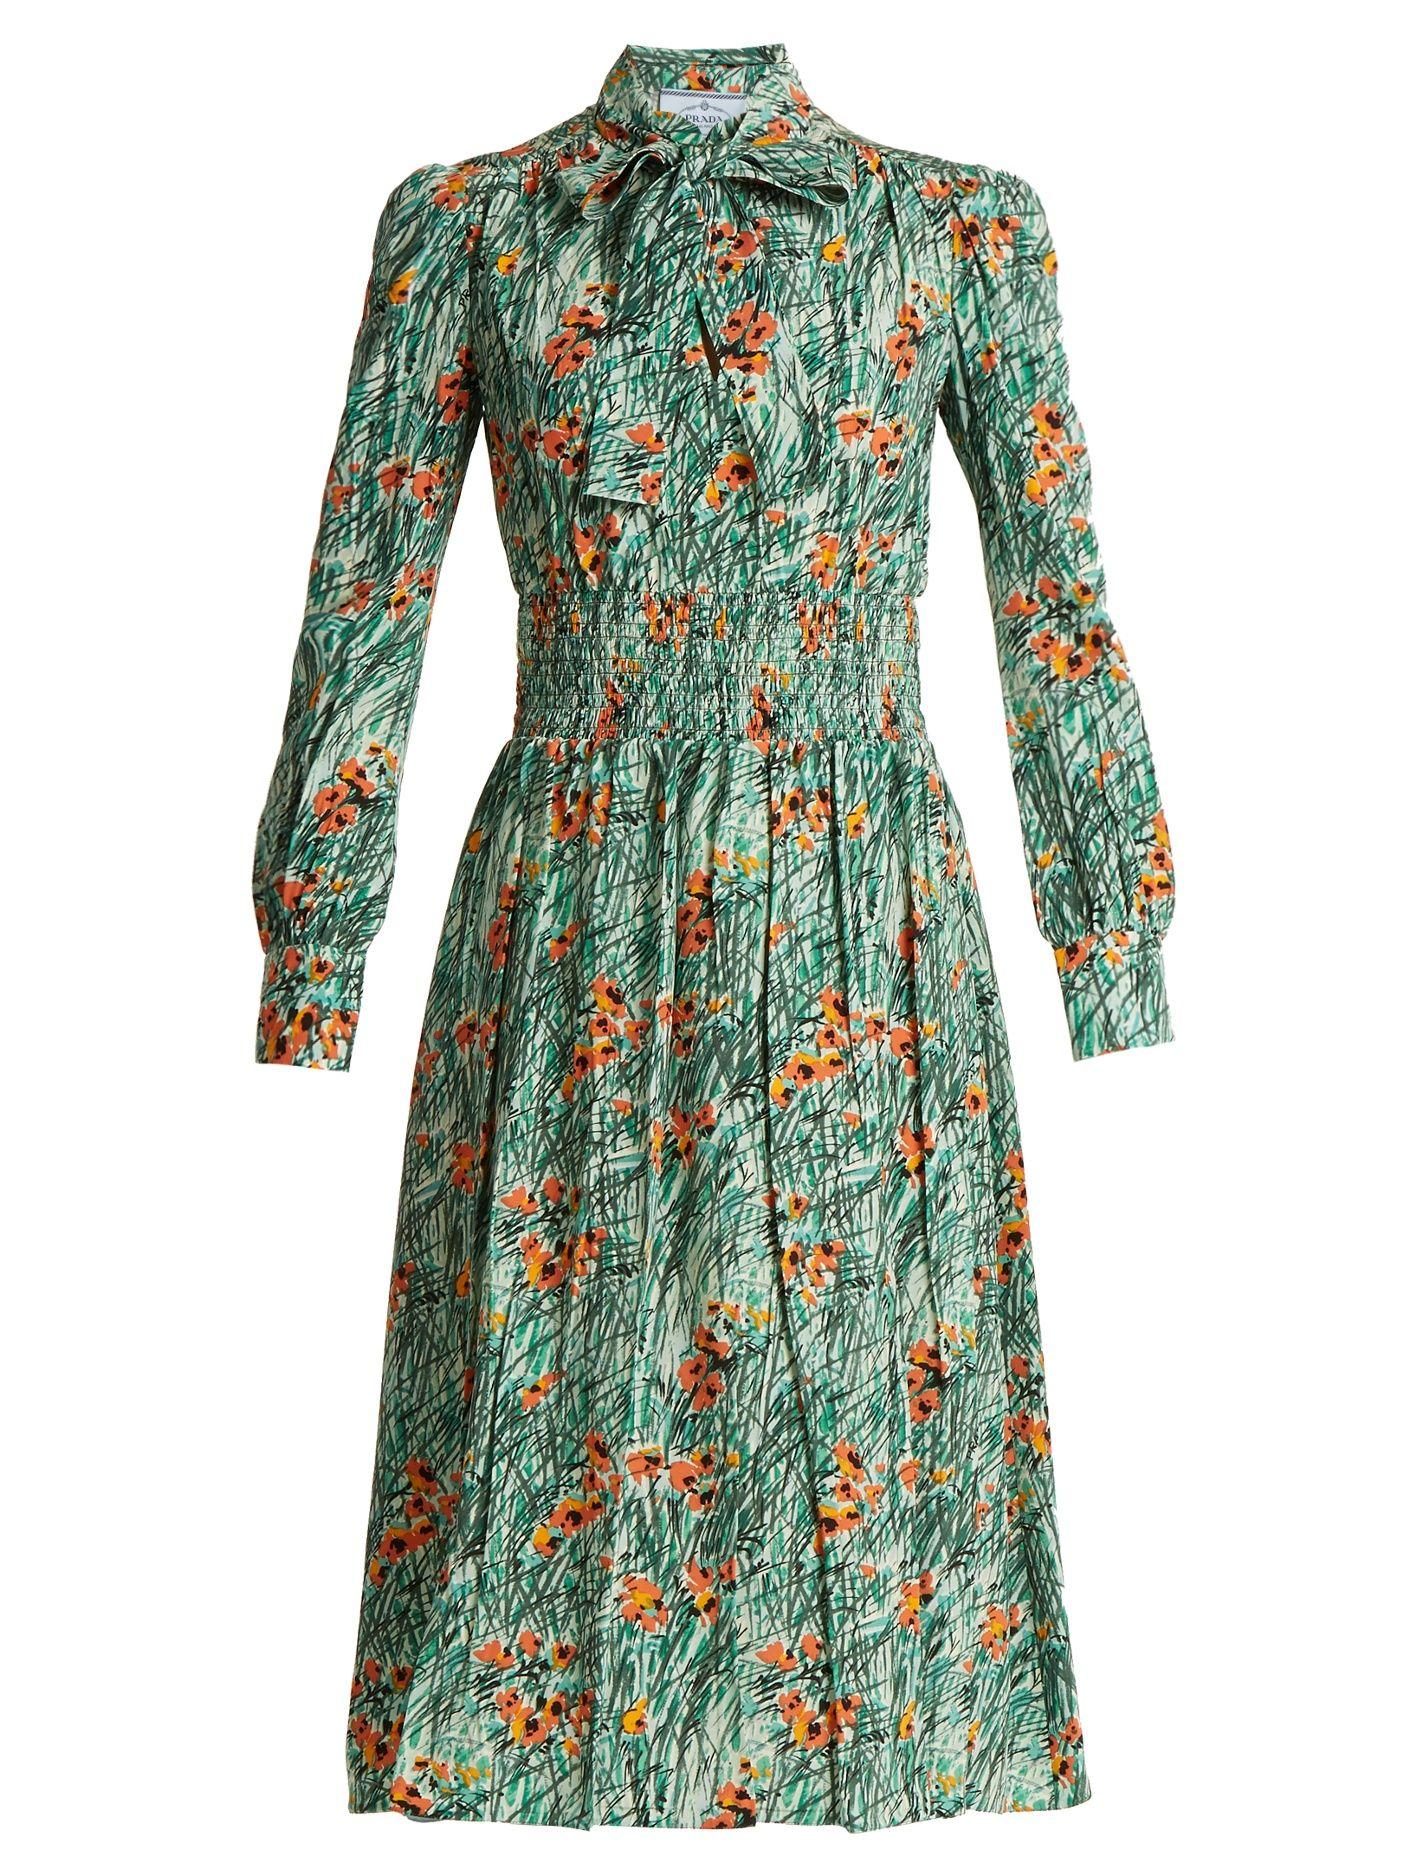 6c21d3cbd7e Click here to buy Prada Poppy-print silk-crepe dress at MATCHESFASHION.COM